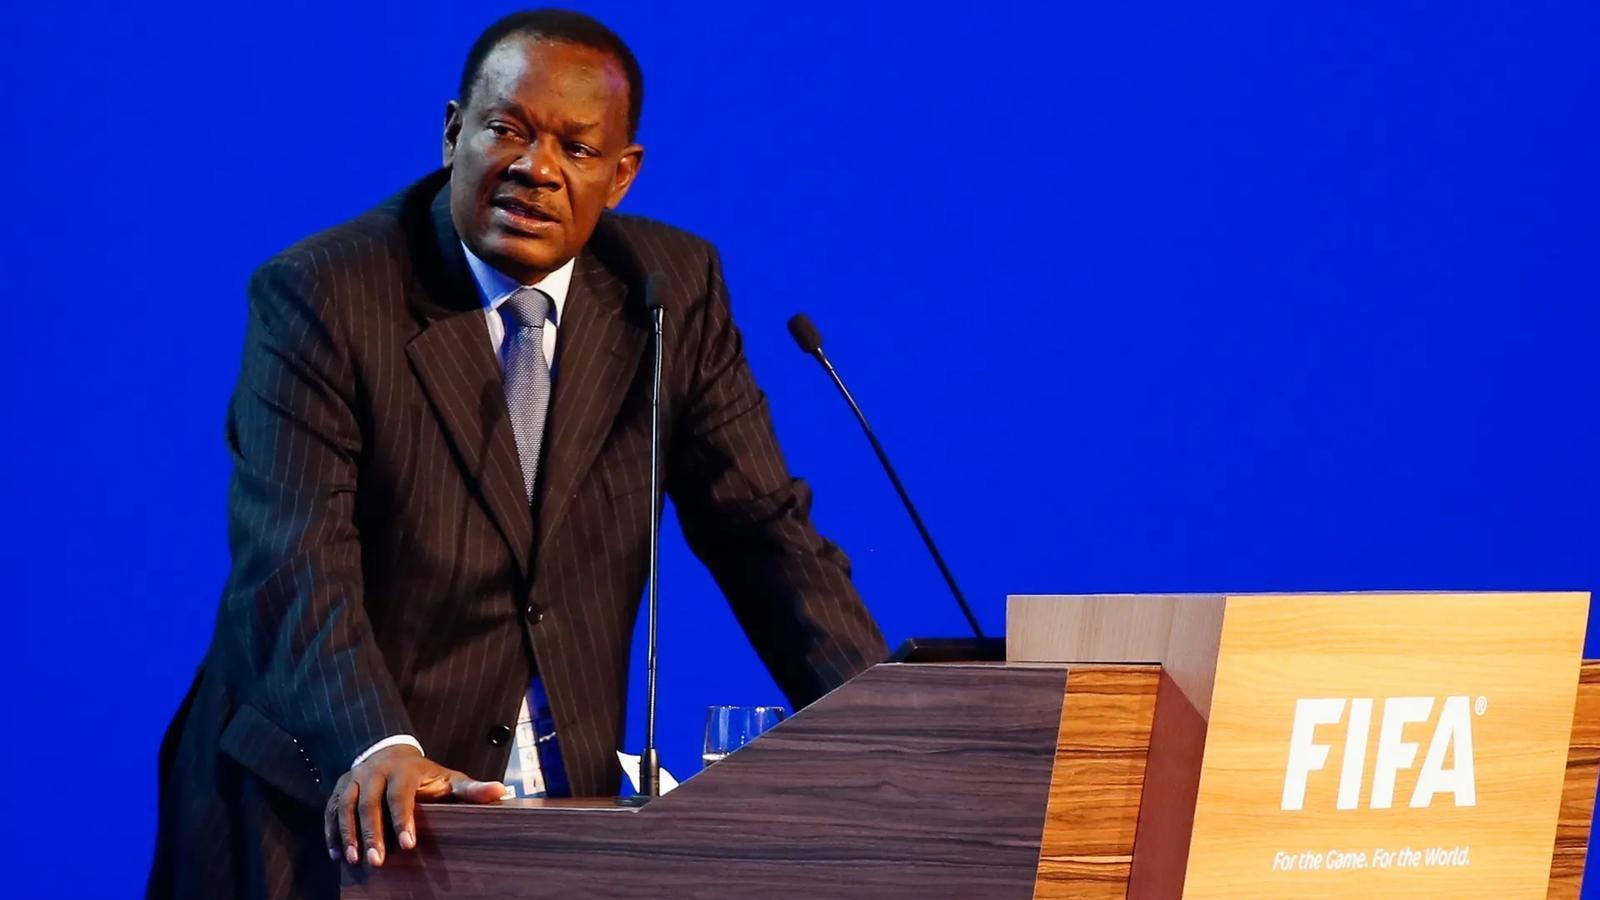 El president de la Federació de futbol d'Haití, Yves Jean-Bart